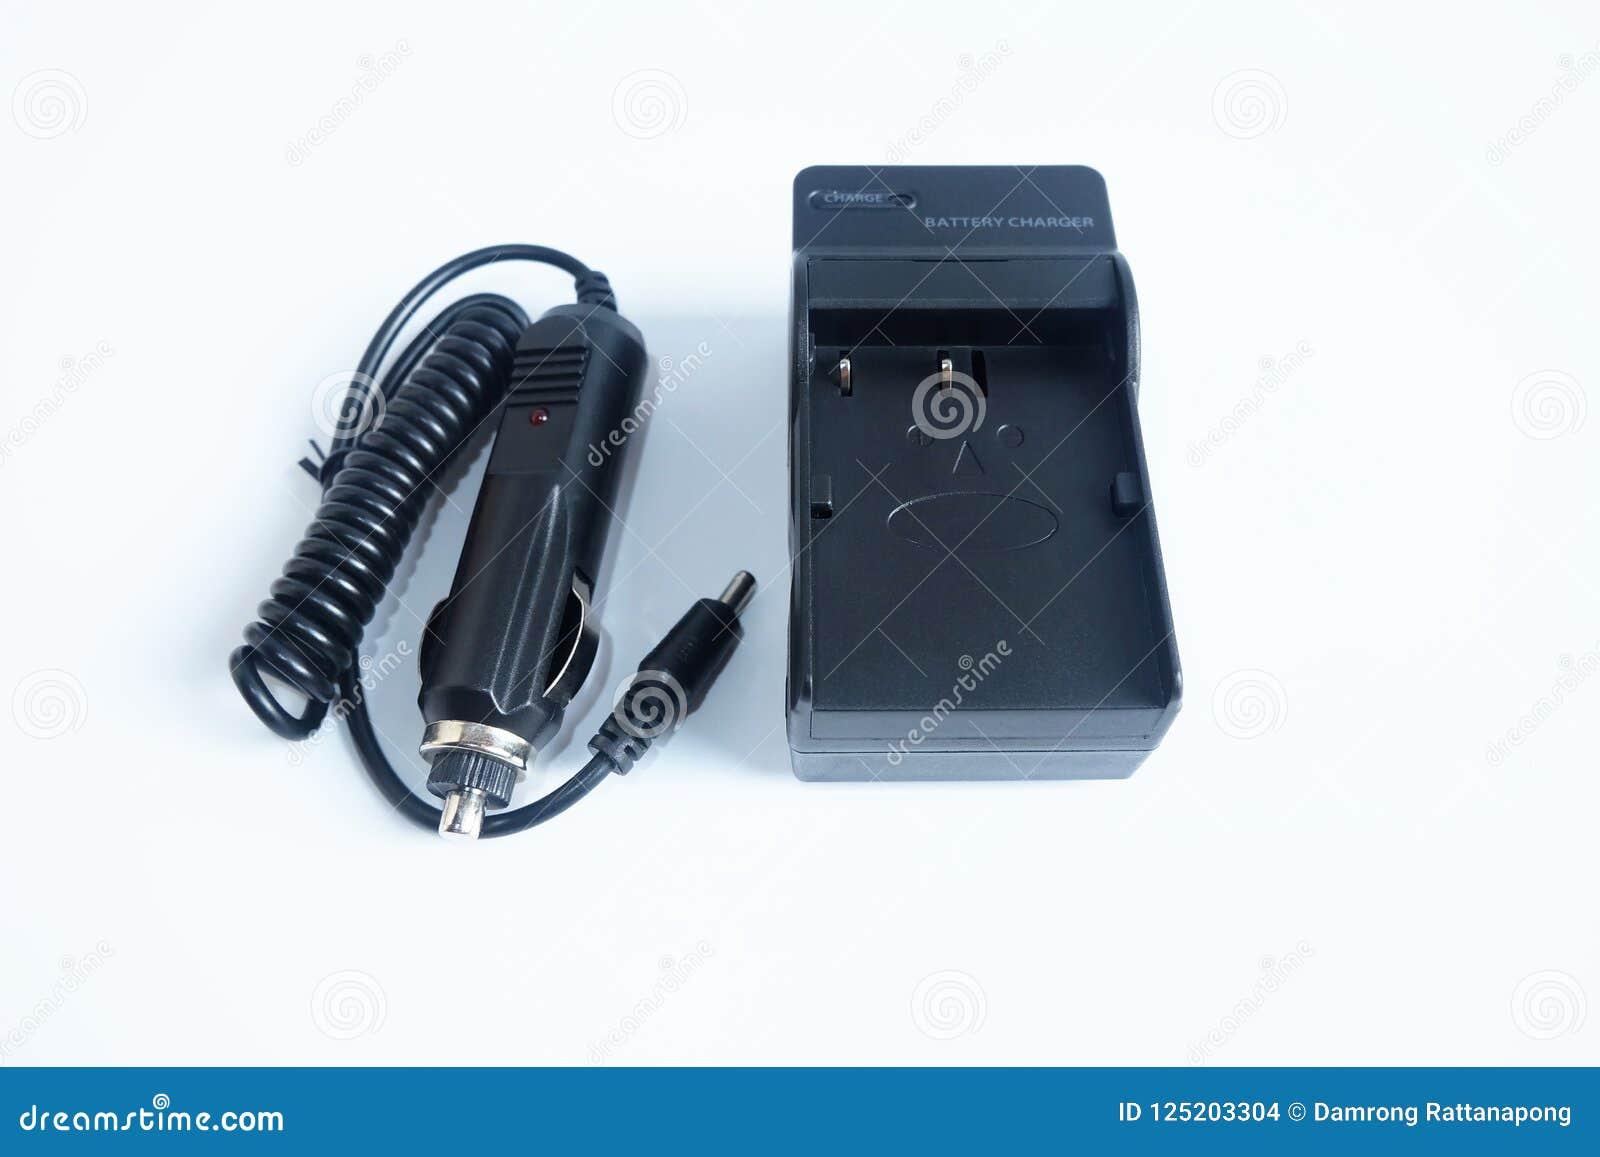 Bateria do carregador do poder do adaptador de câmera com o portable do carregador do carro no branco